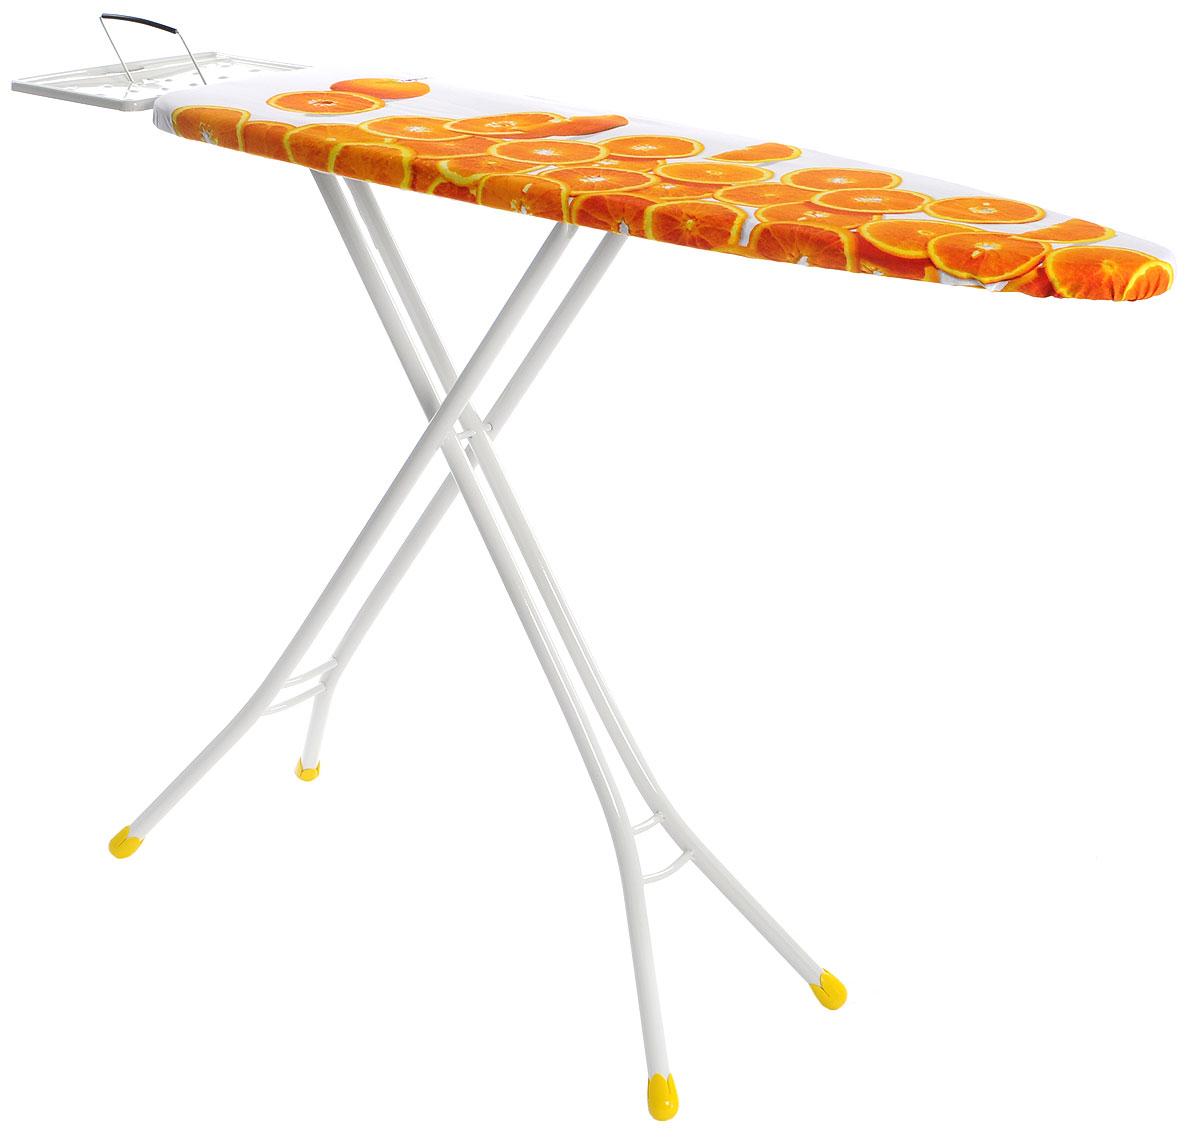 Доска гладильная Gimi Classic. Апельсины, 110 х 33 см14100350_оранжевый, белыйСкладная гладильная доска Gimi Classic. Апельсины - необходимая вещь для каждой хозяйки. Благодаря такой удобной доске процесс глажки будет комфортным и качественным. Корпус выполнен из высококачественной стали и обтянут чехлом из прочного хлопка. Большая поверхность позволит вам без труда гладить не только рубашки, мужские брюки, но и постельное белье. Прочные стальные окрашенные ножки снабжены пластиковыми вставками, которые предотвращают скольжение, что создает удобные условия для глажки, а также препятствуют образованию царапин на полу. Также изделие оснащено подставкой для утюга. Доска легко складывается и не занимает много места в сложенном состоянии. Такая гладильная доска сочетает в себе качество, удобство, легкость и практичность. Размер гладильной поверхности: 110 x 33 см. Максимальная высота: 90 см. Размер подставки для утюга: 29 x 22 см. Размер гладильной доски в сложенном виде: 143 х 34 х 5 см....